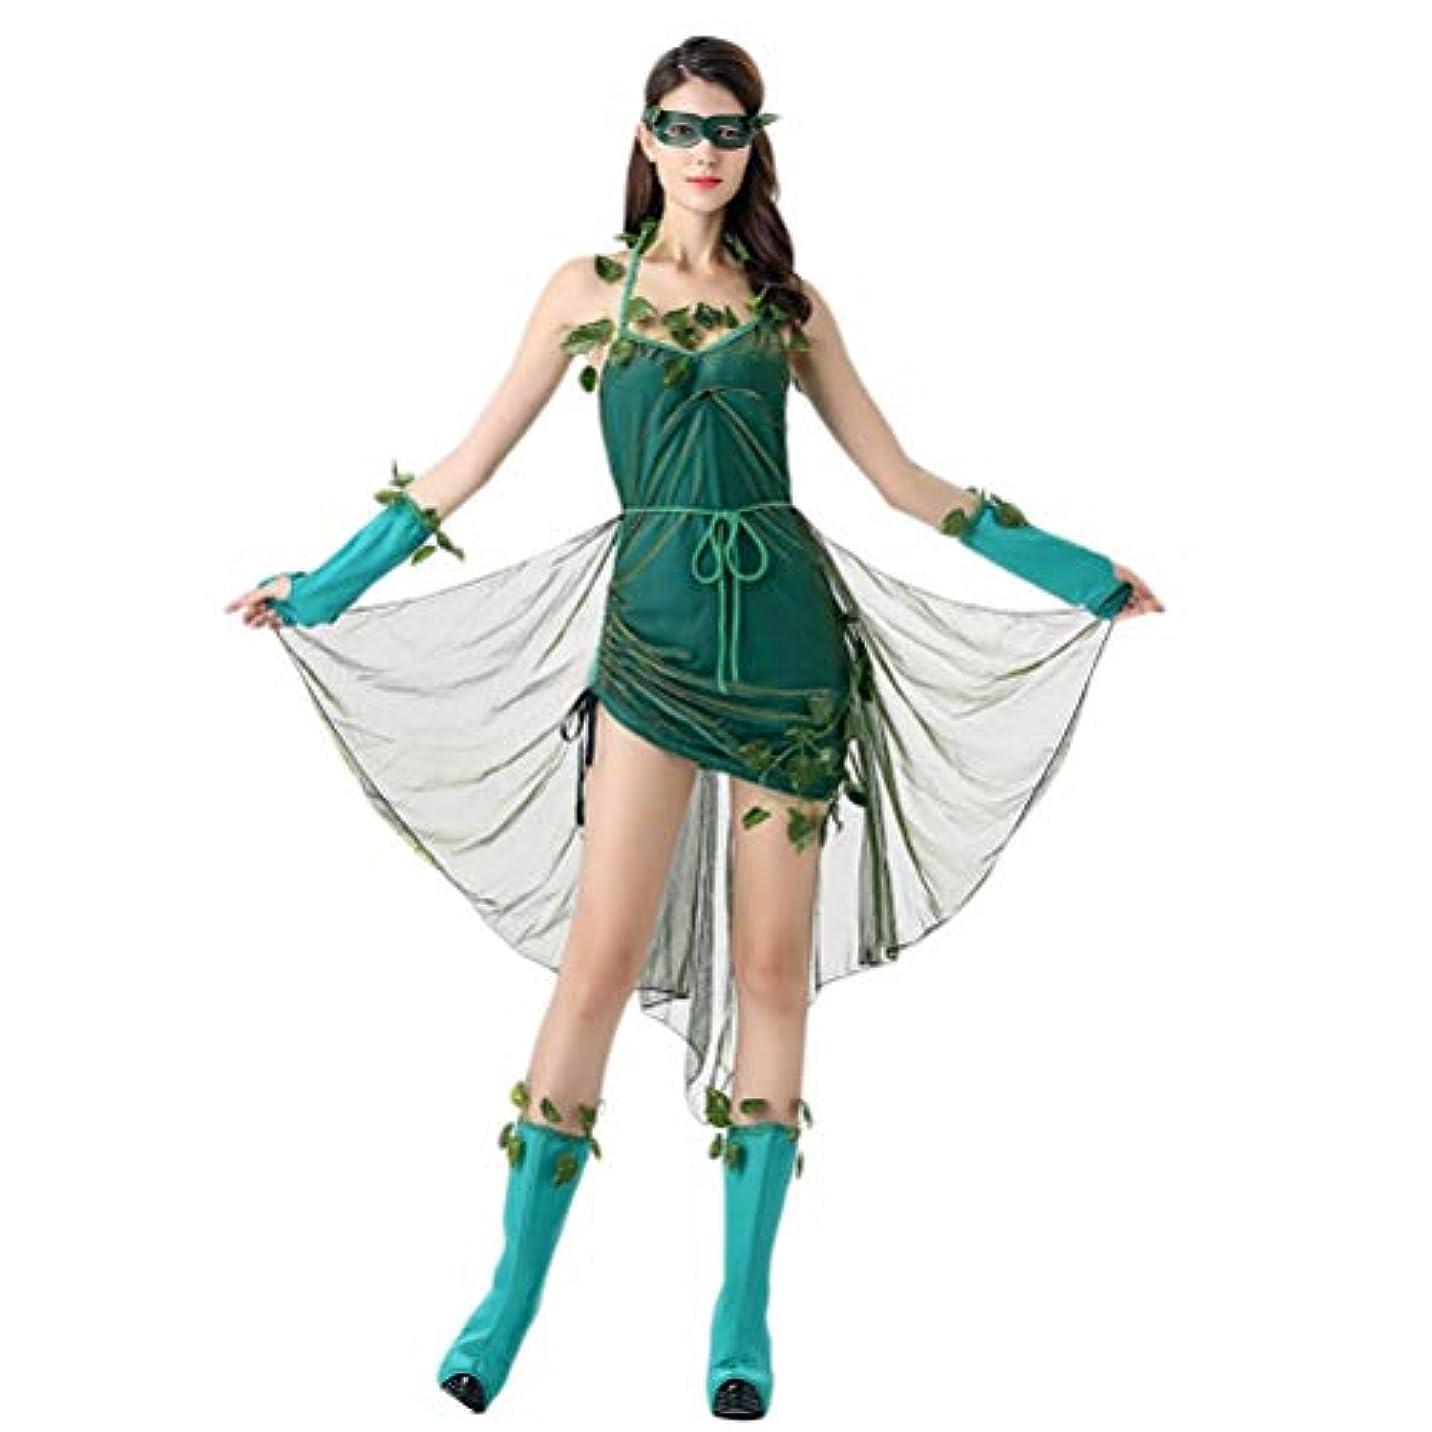 実装するふりをするアルネBESTOYARD ハロウィンステージの衣装美しいエルフの衣装森の悪魔の女神女性のコスプレ衣装ユニフォームパーティードレススーツ